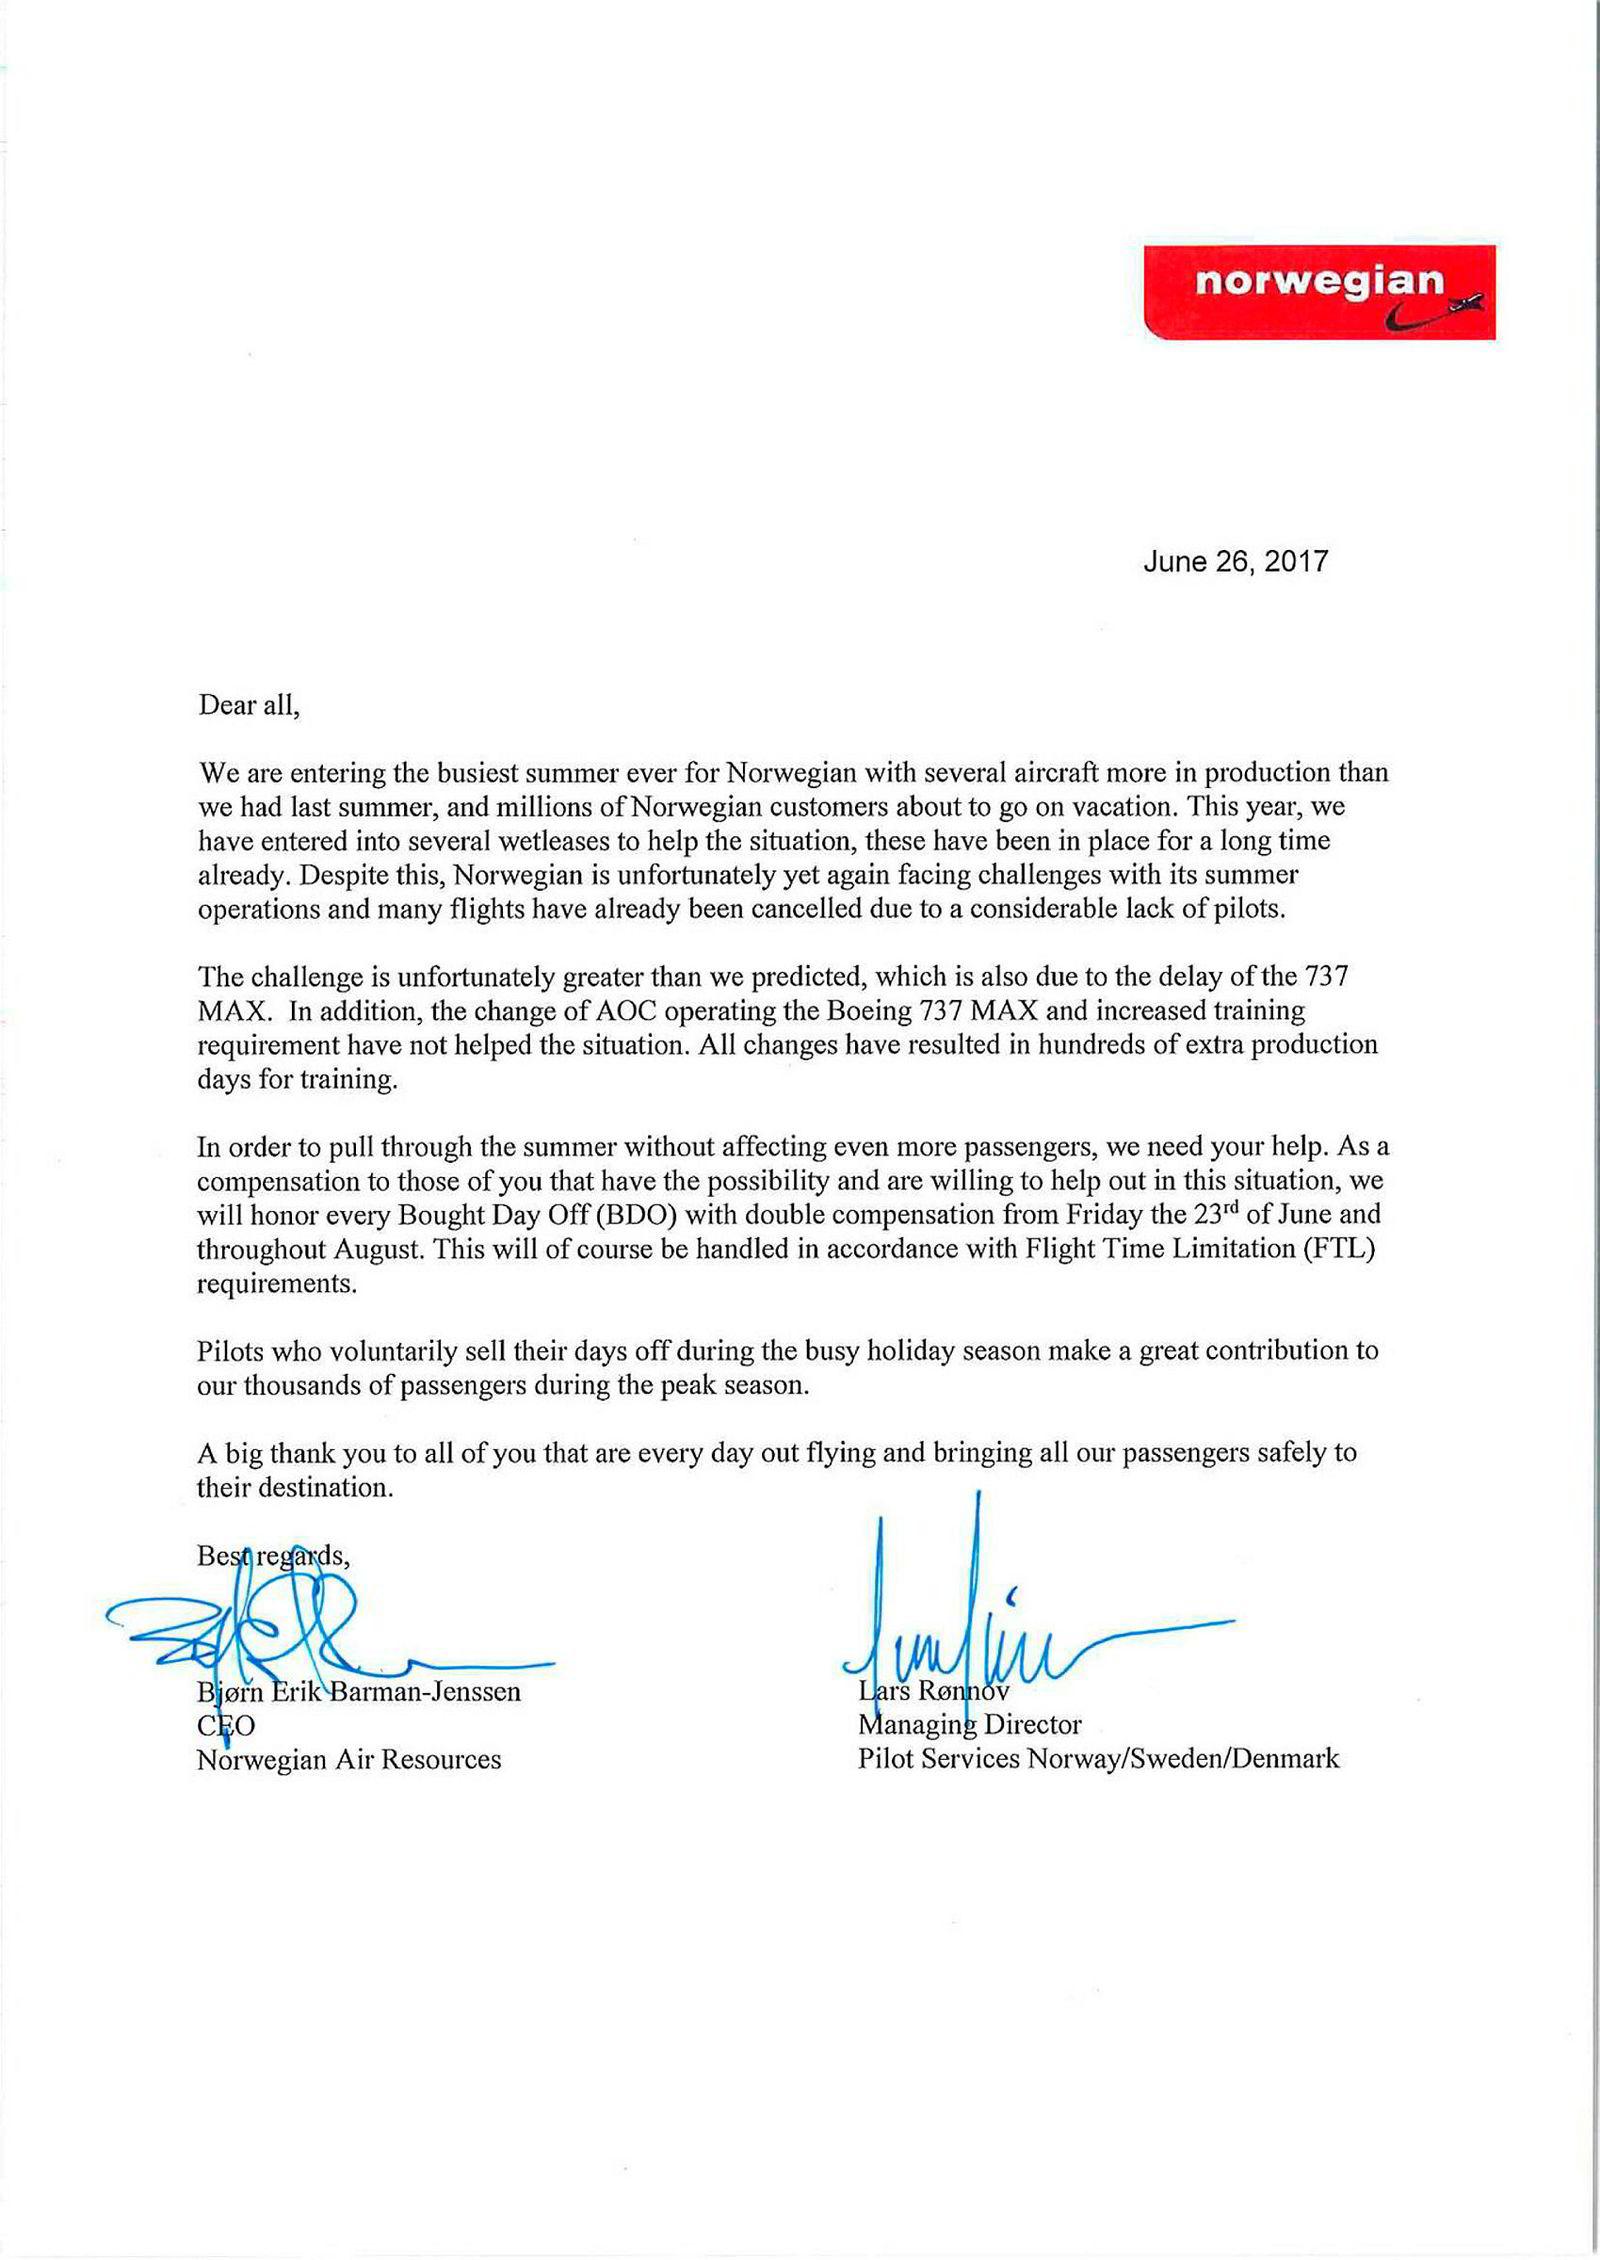 Dette er brevet fra Norwegian til pilotene mandag.